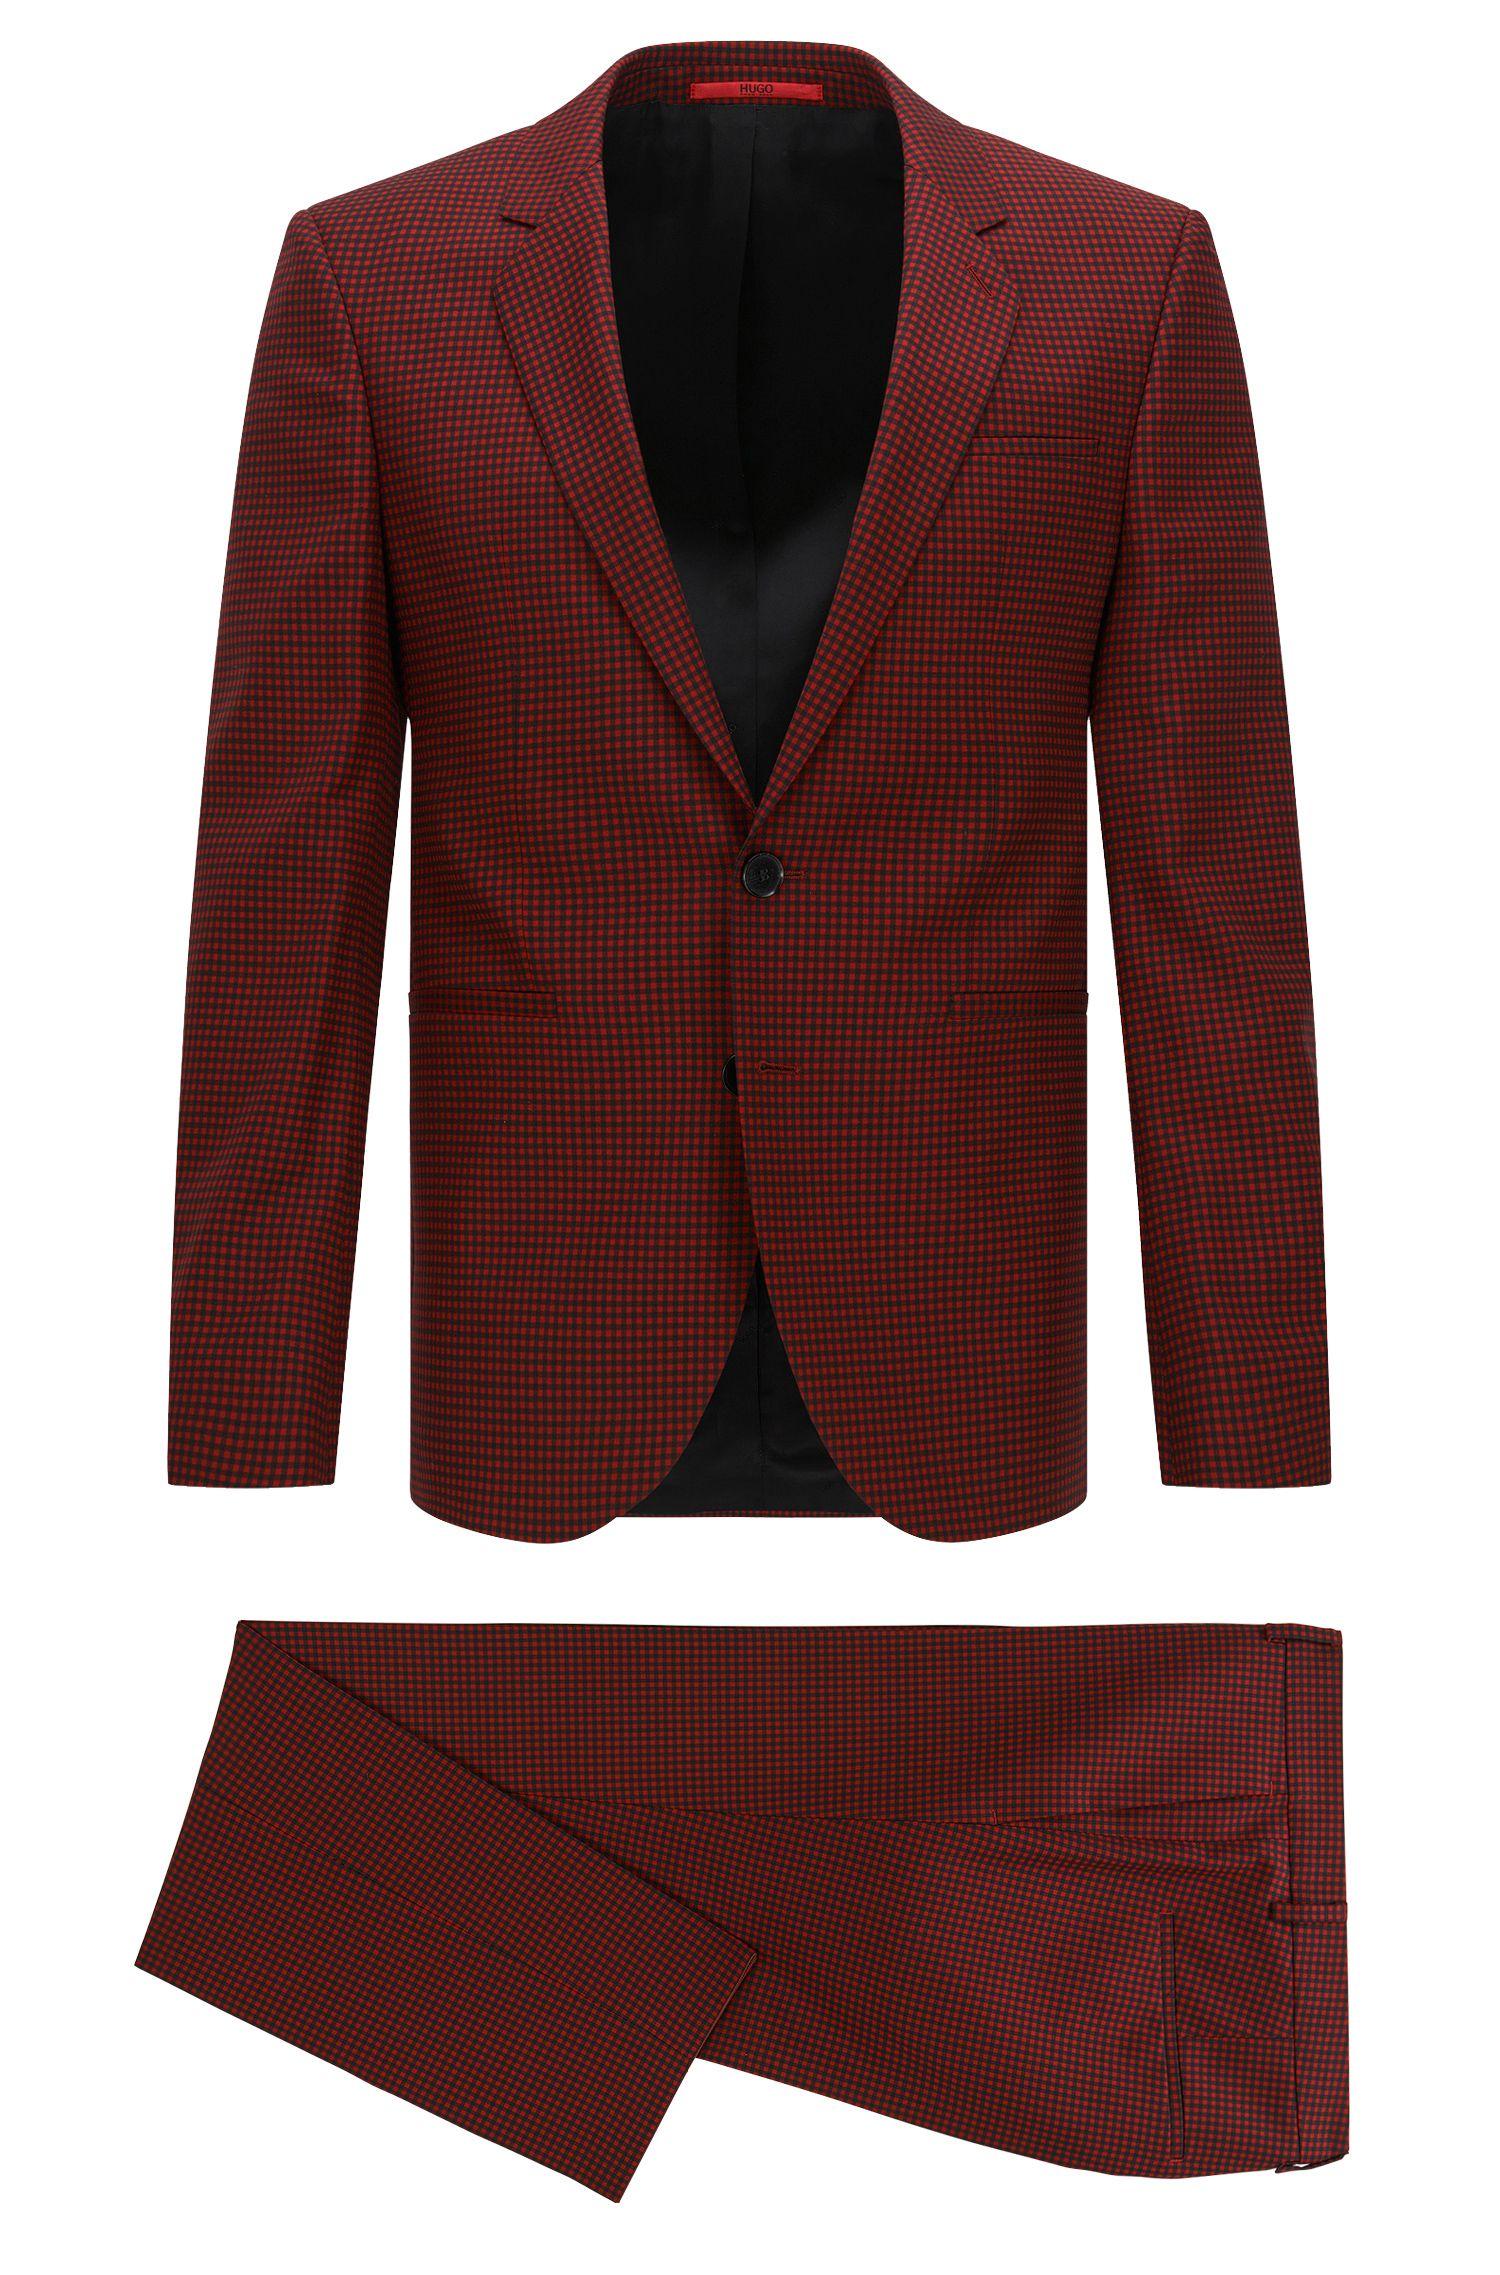 Gingham Super 110 Virgin Wool Suit, Extra-Slim Fit | Anwor/Hadlin